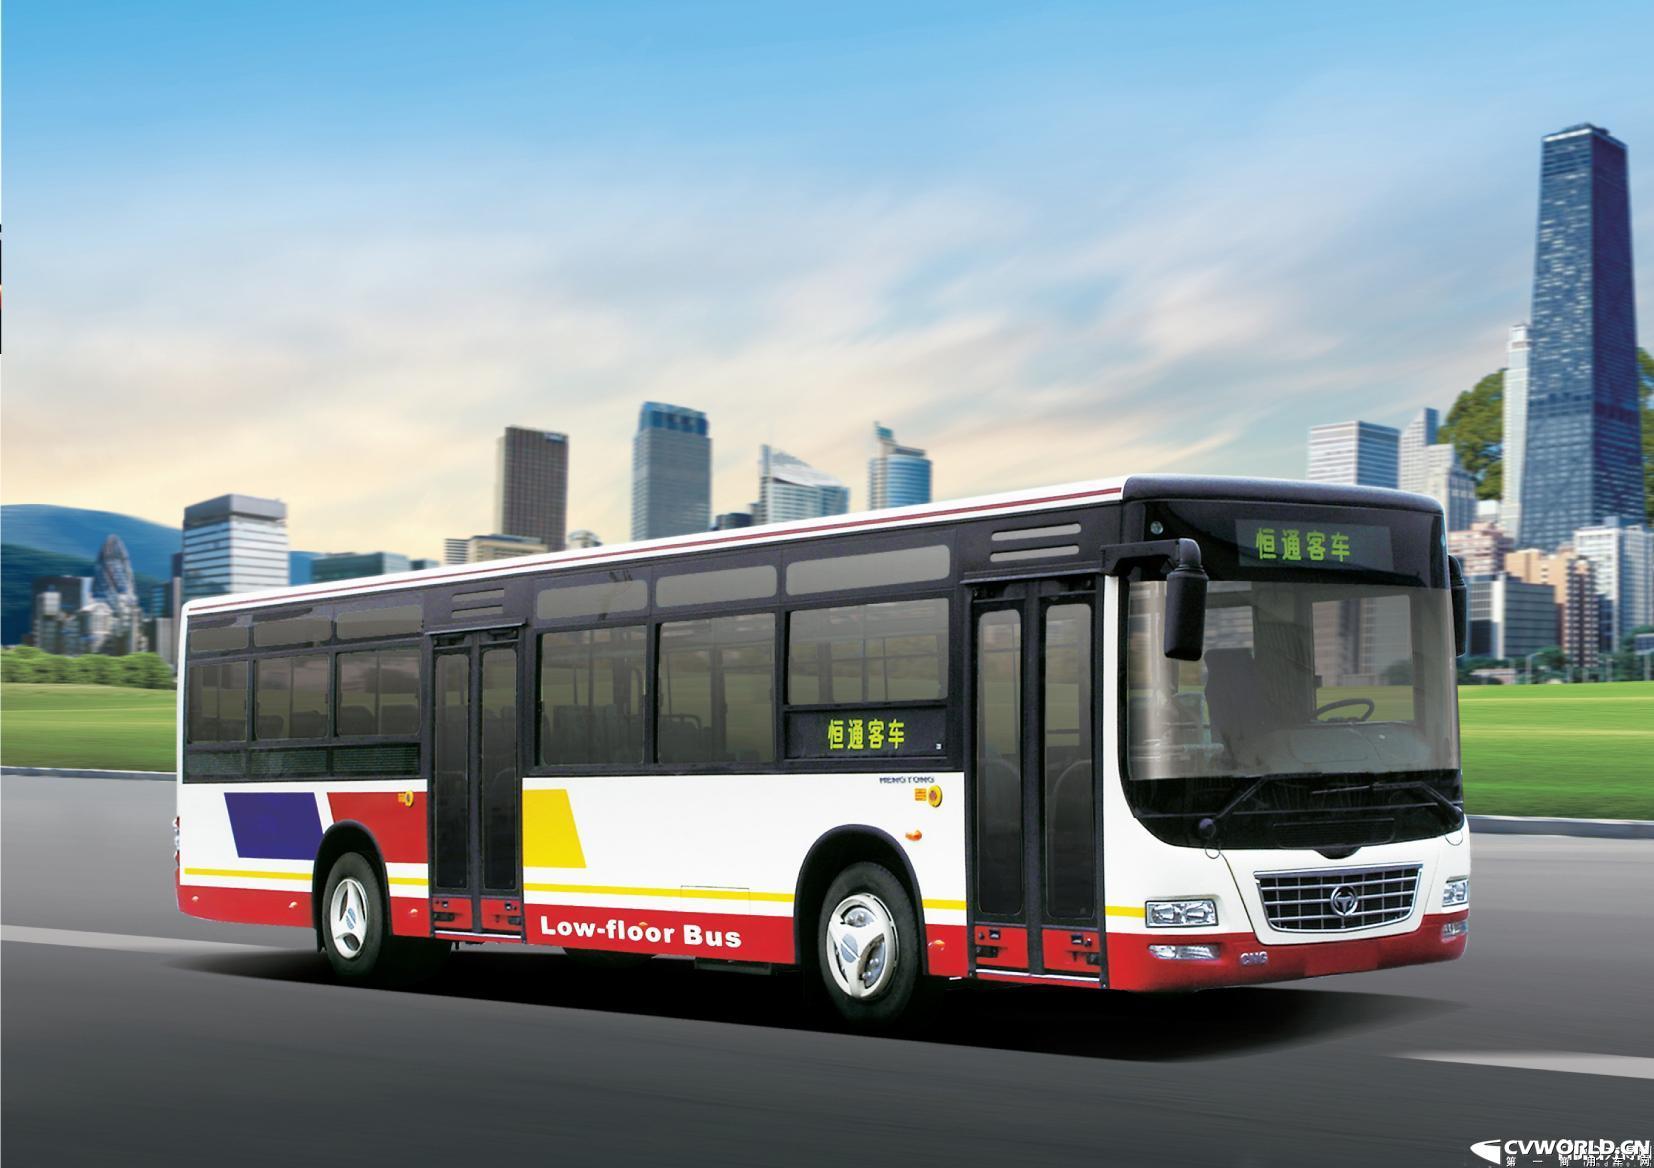 漳浦县天然气动力环保公交车投用 分3路和8路公交线